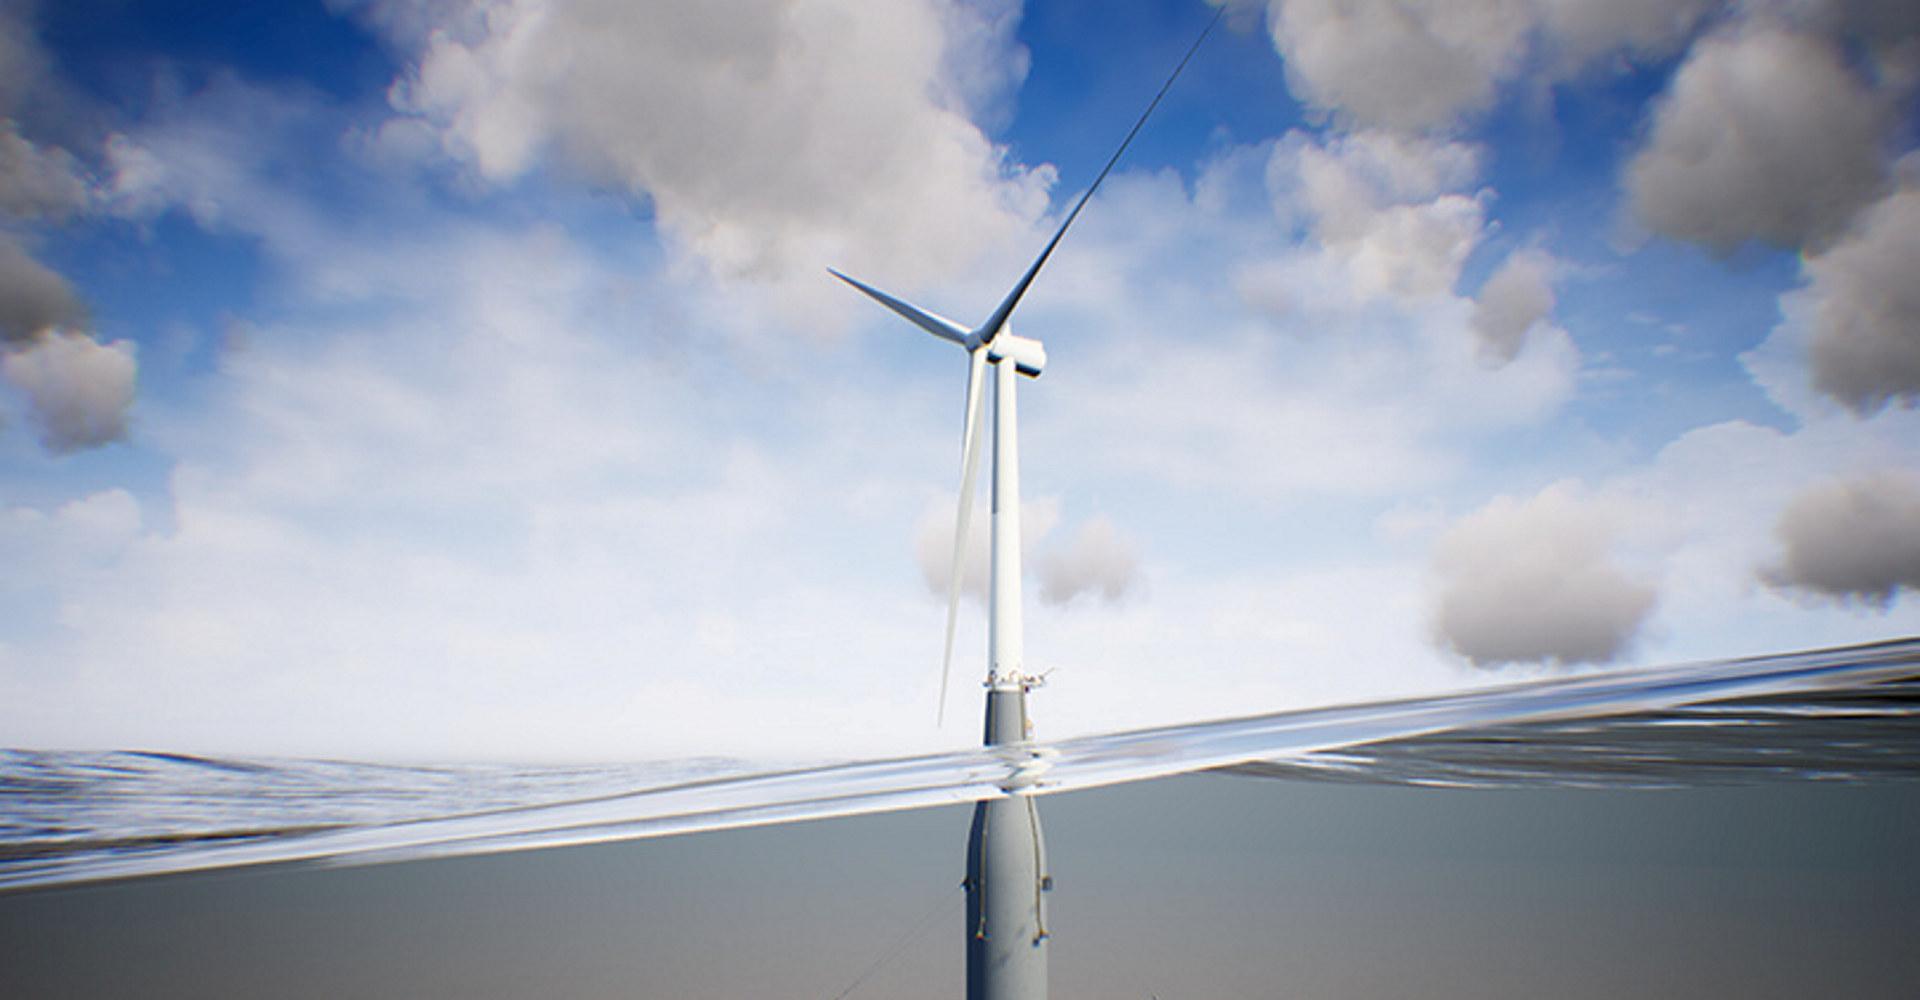 Kværner skal levere 11 flytende betongskrog for turbiner for offshore vindkraft, samt marine driftstjenester for Hywind Tampen-prosjekt. Illustrasjon: Kværner